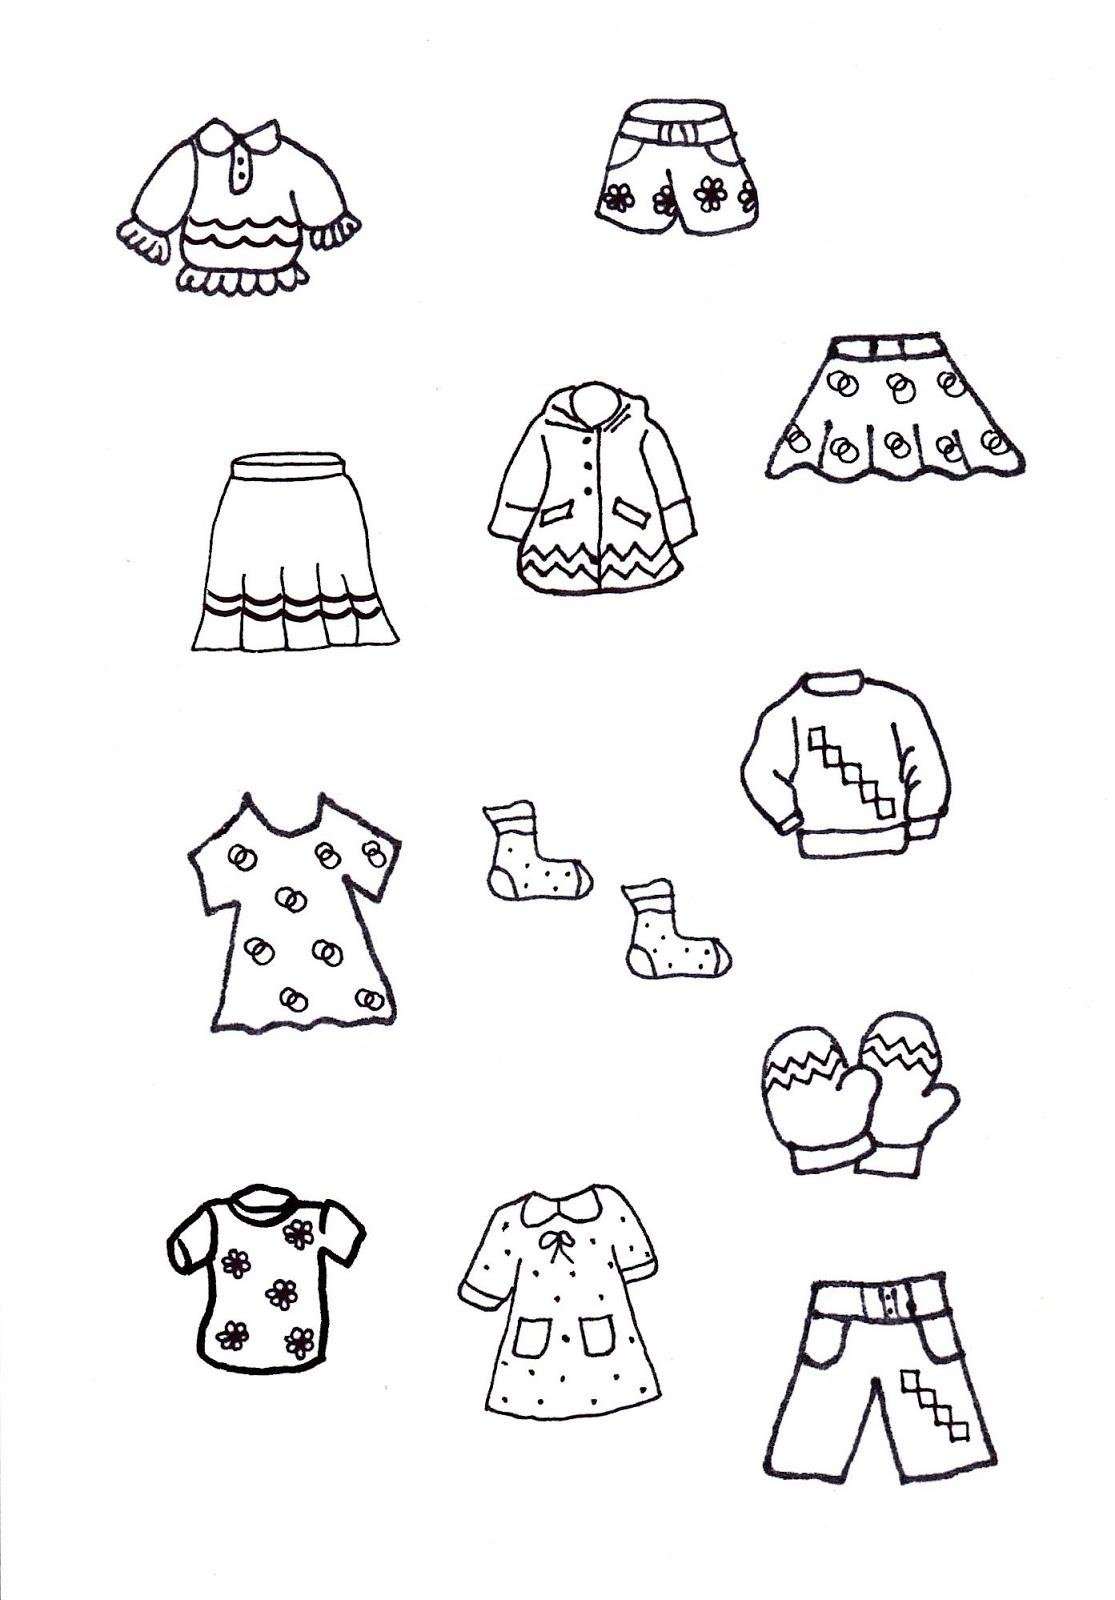 téli öltözködés nyomtatható feladatlapok